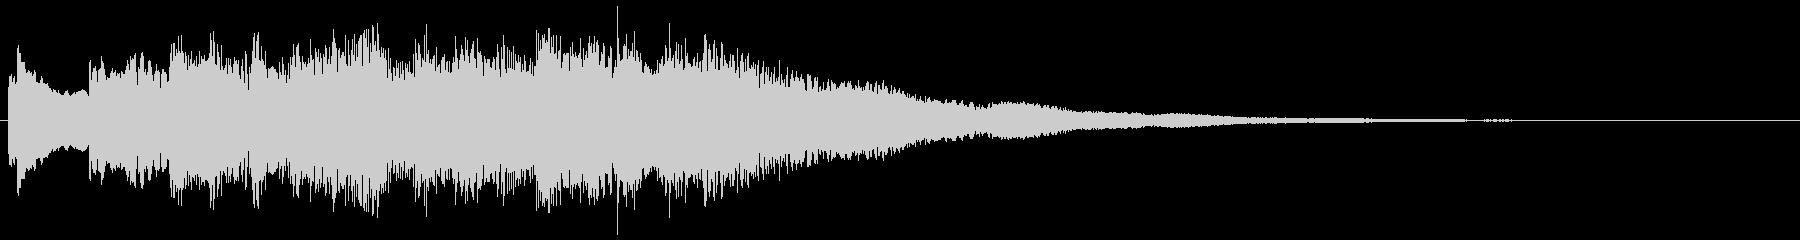 澄んだフレーズの場面転換 転回音 切替の未再生の波形